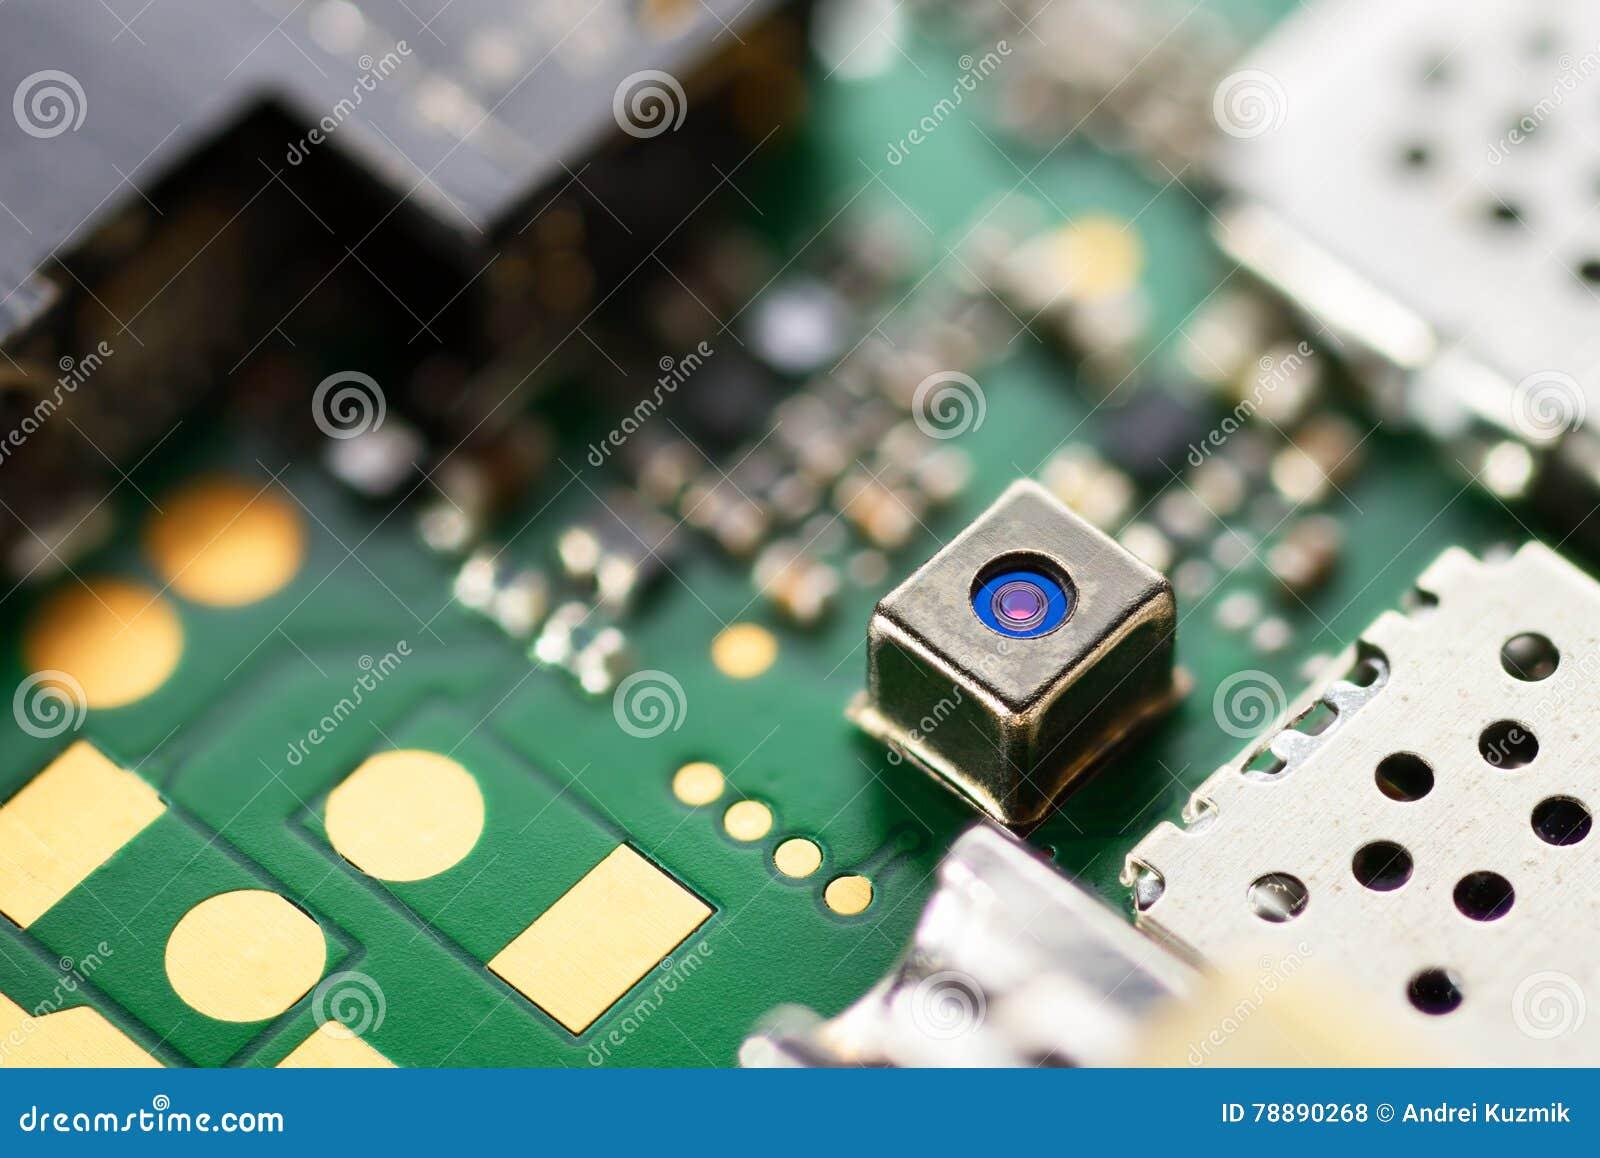 Передвижная камера SMD